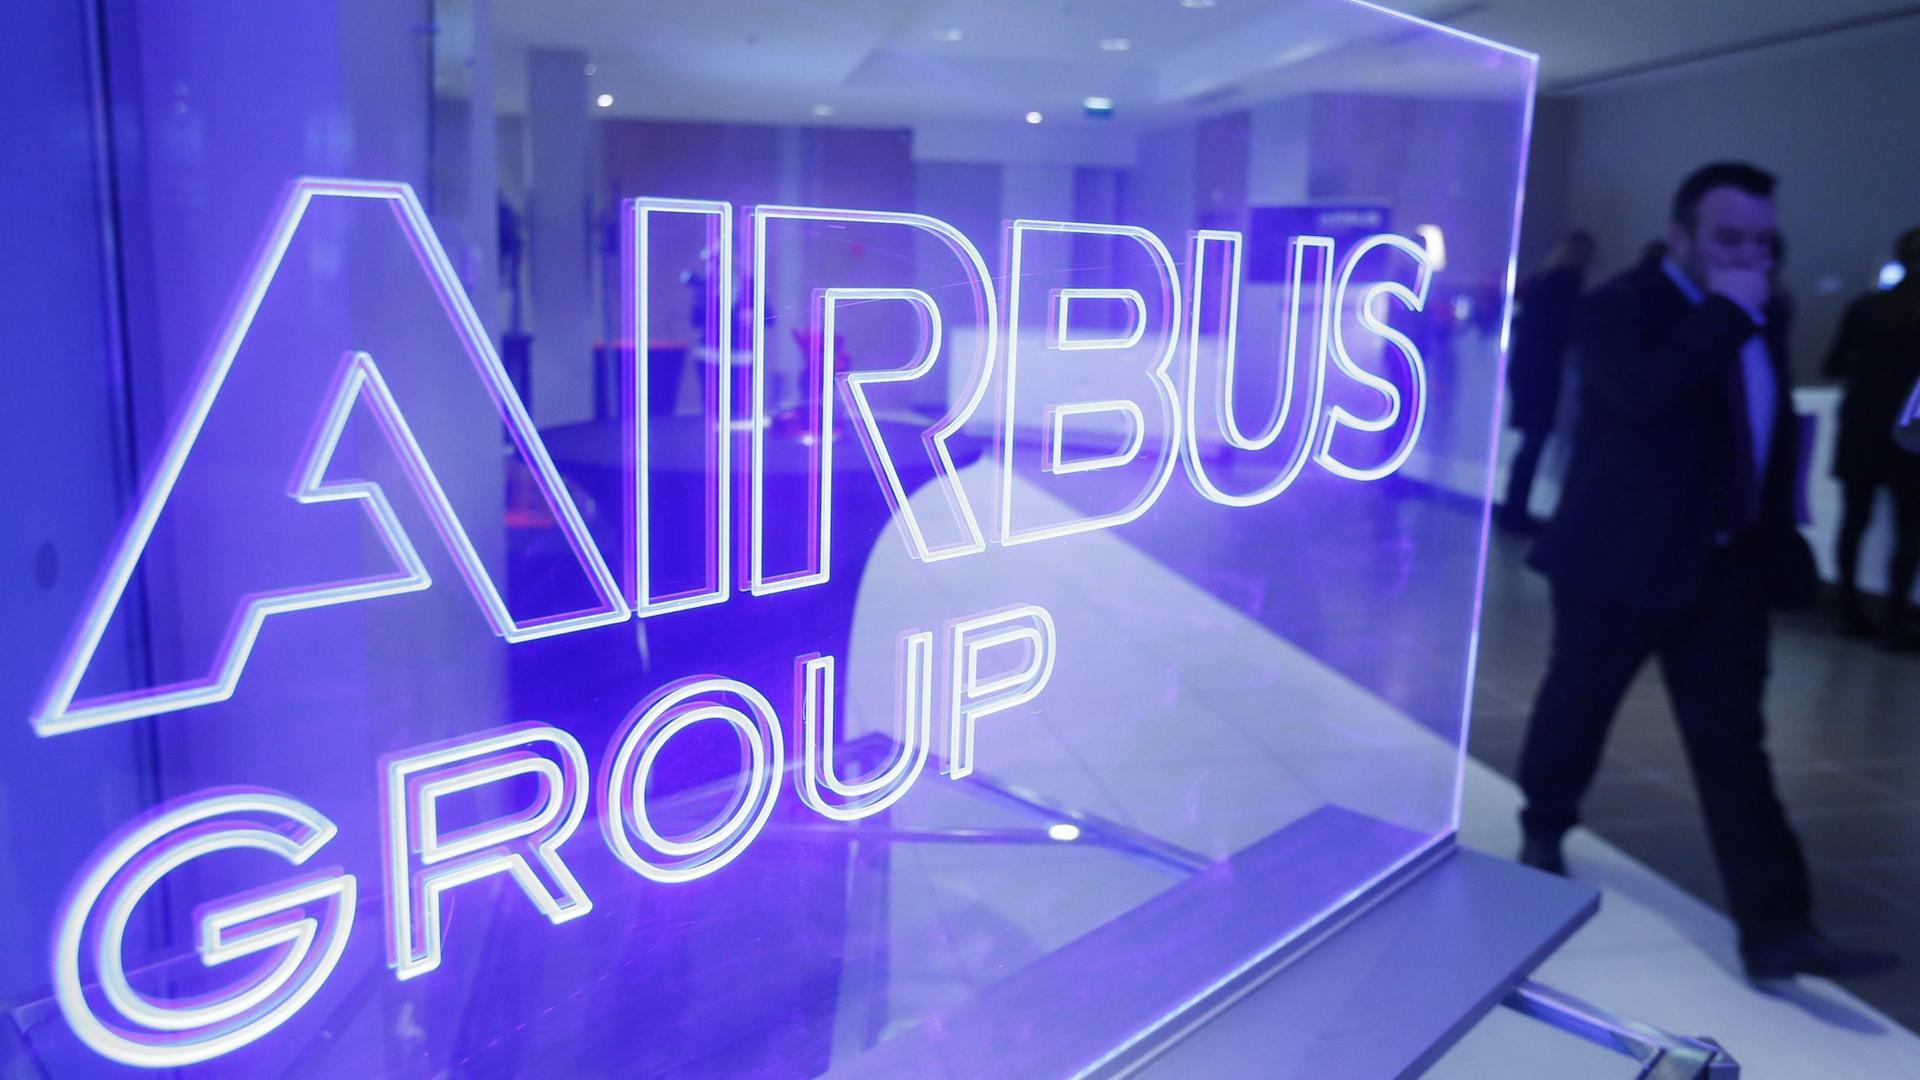 Nach Boeing Drama Airbus Aktie Nähert Sich Rekord Zdfmediathek